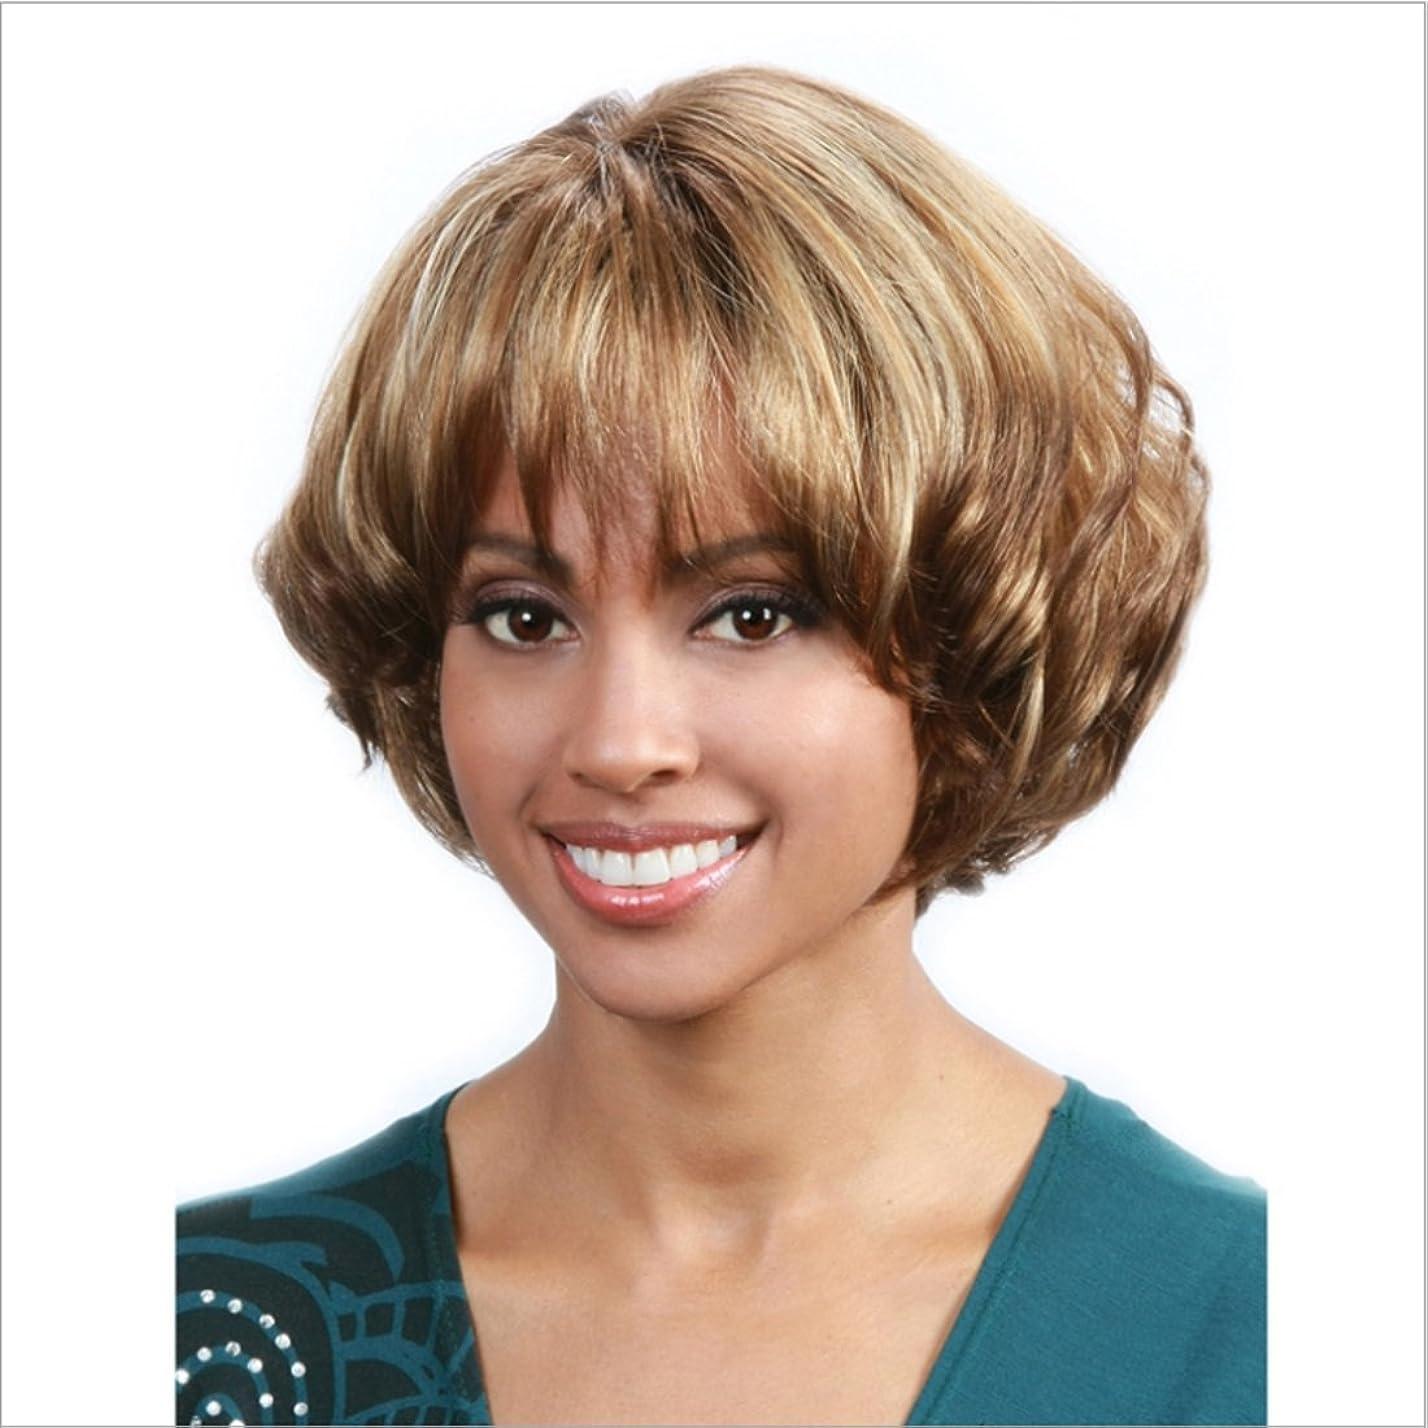 不当高原石のJIANFU 白い女性のための混合色のかつらカーリー合成髪短いブラウンと黒ウィッグ耐熱性髪のふわふわウィッグフラットバンズ付き10inch / 150g (Color : Brown and black)